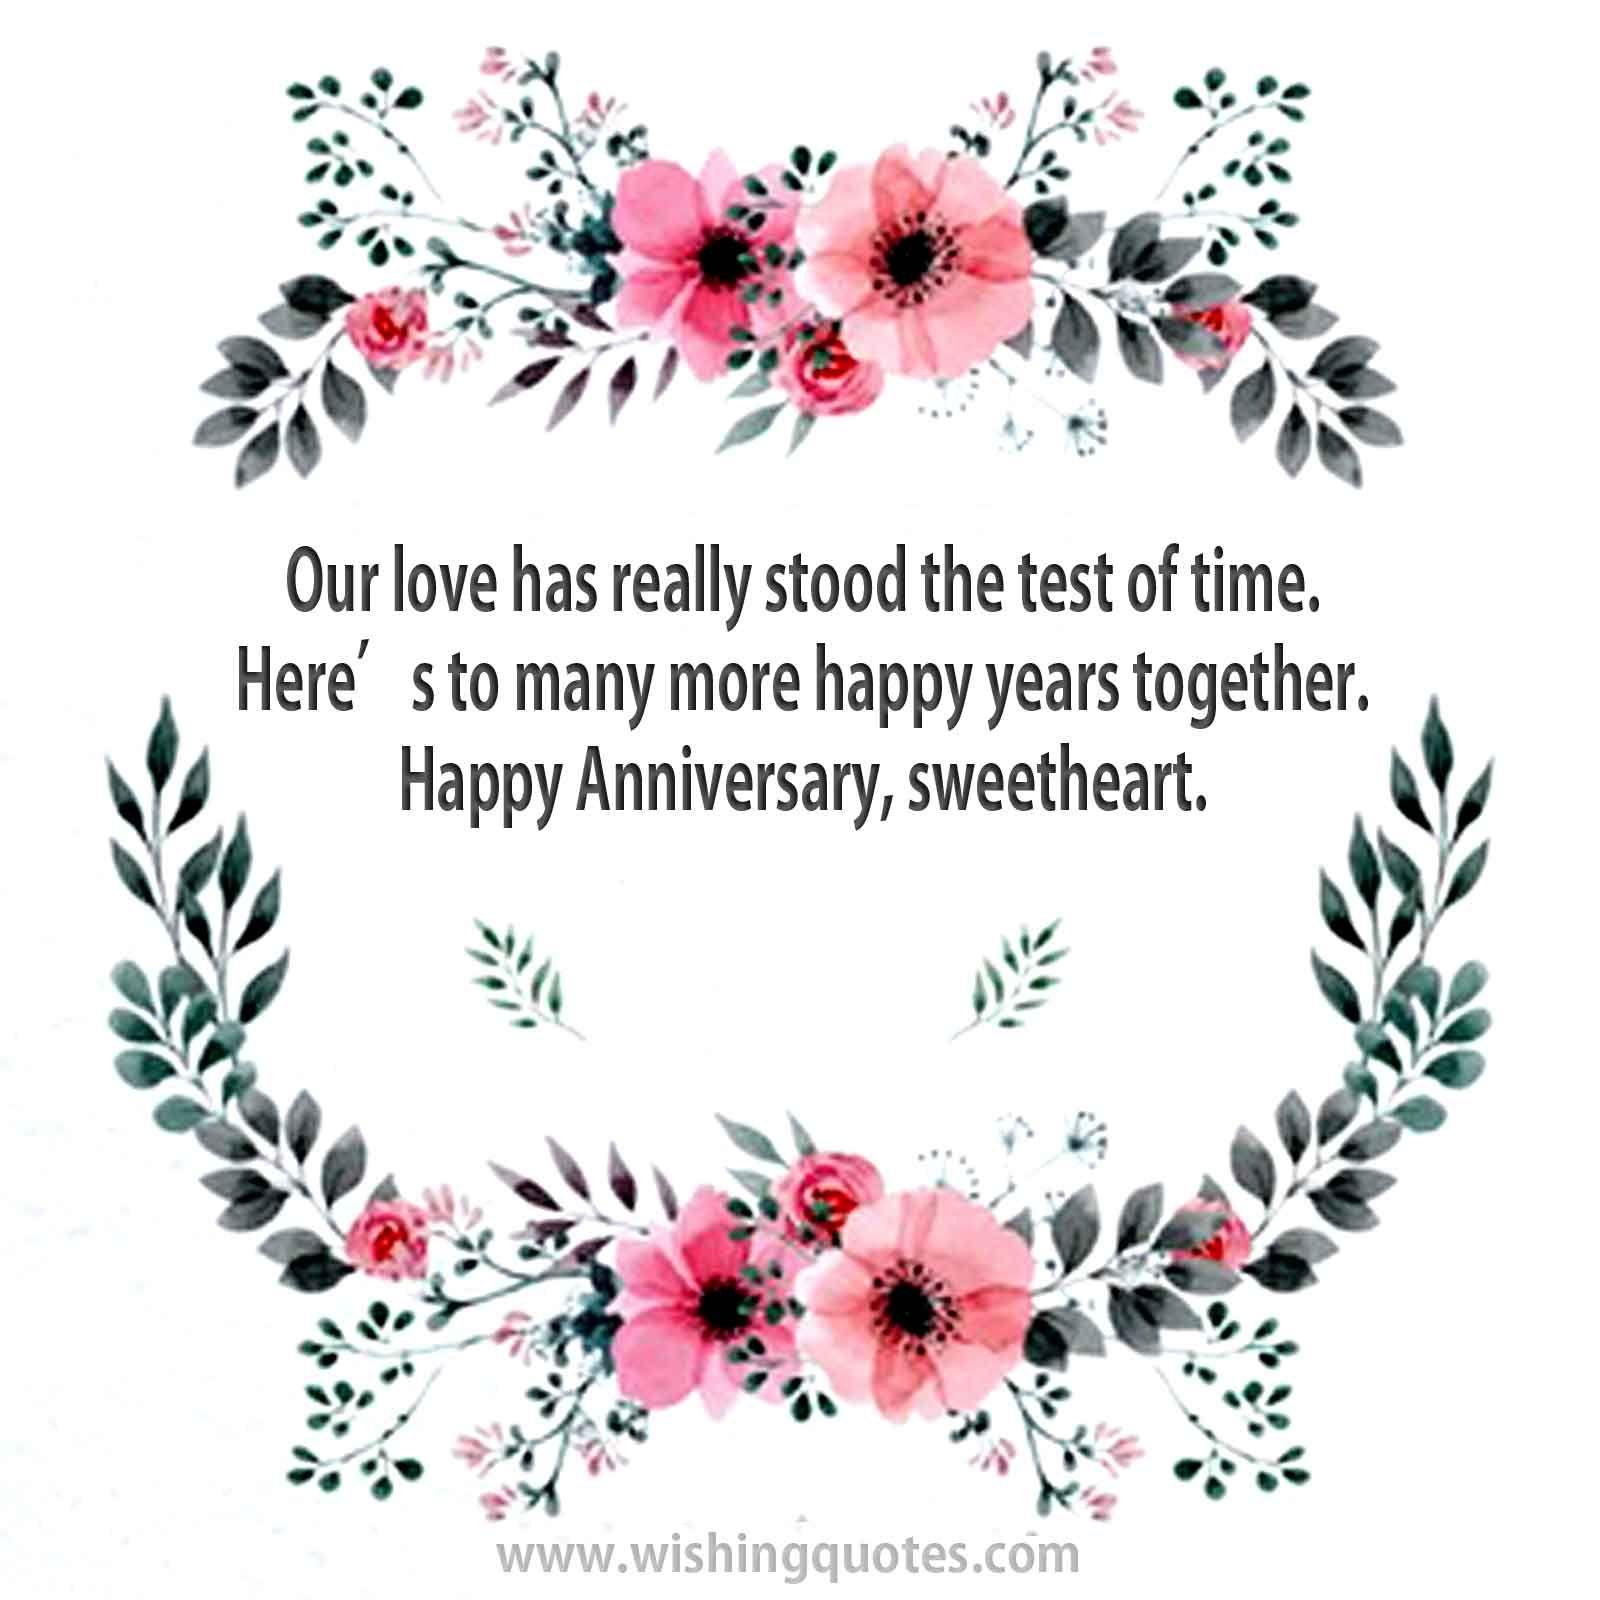 15 Best Anniversary Quotes for Boyfriend Happy